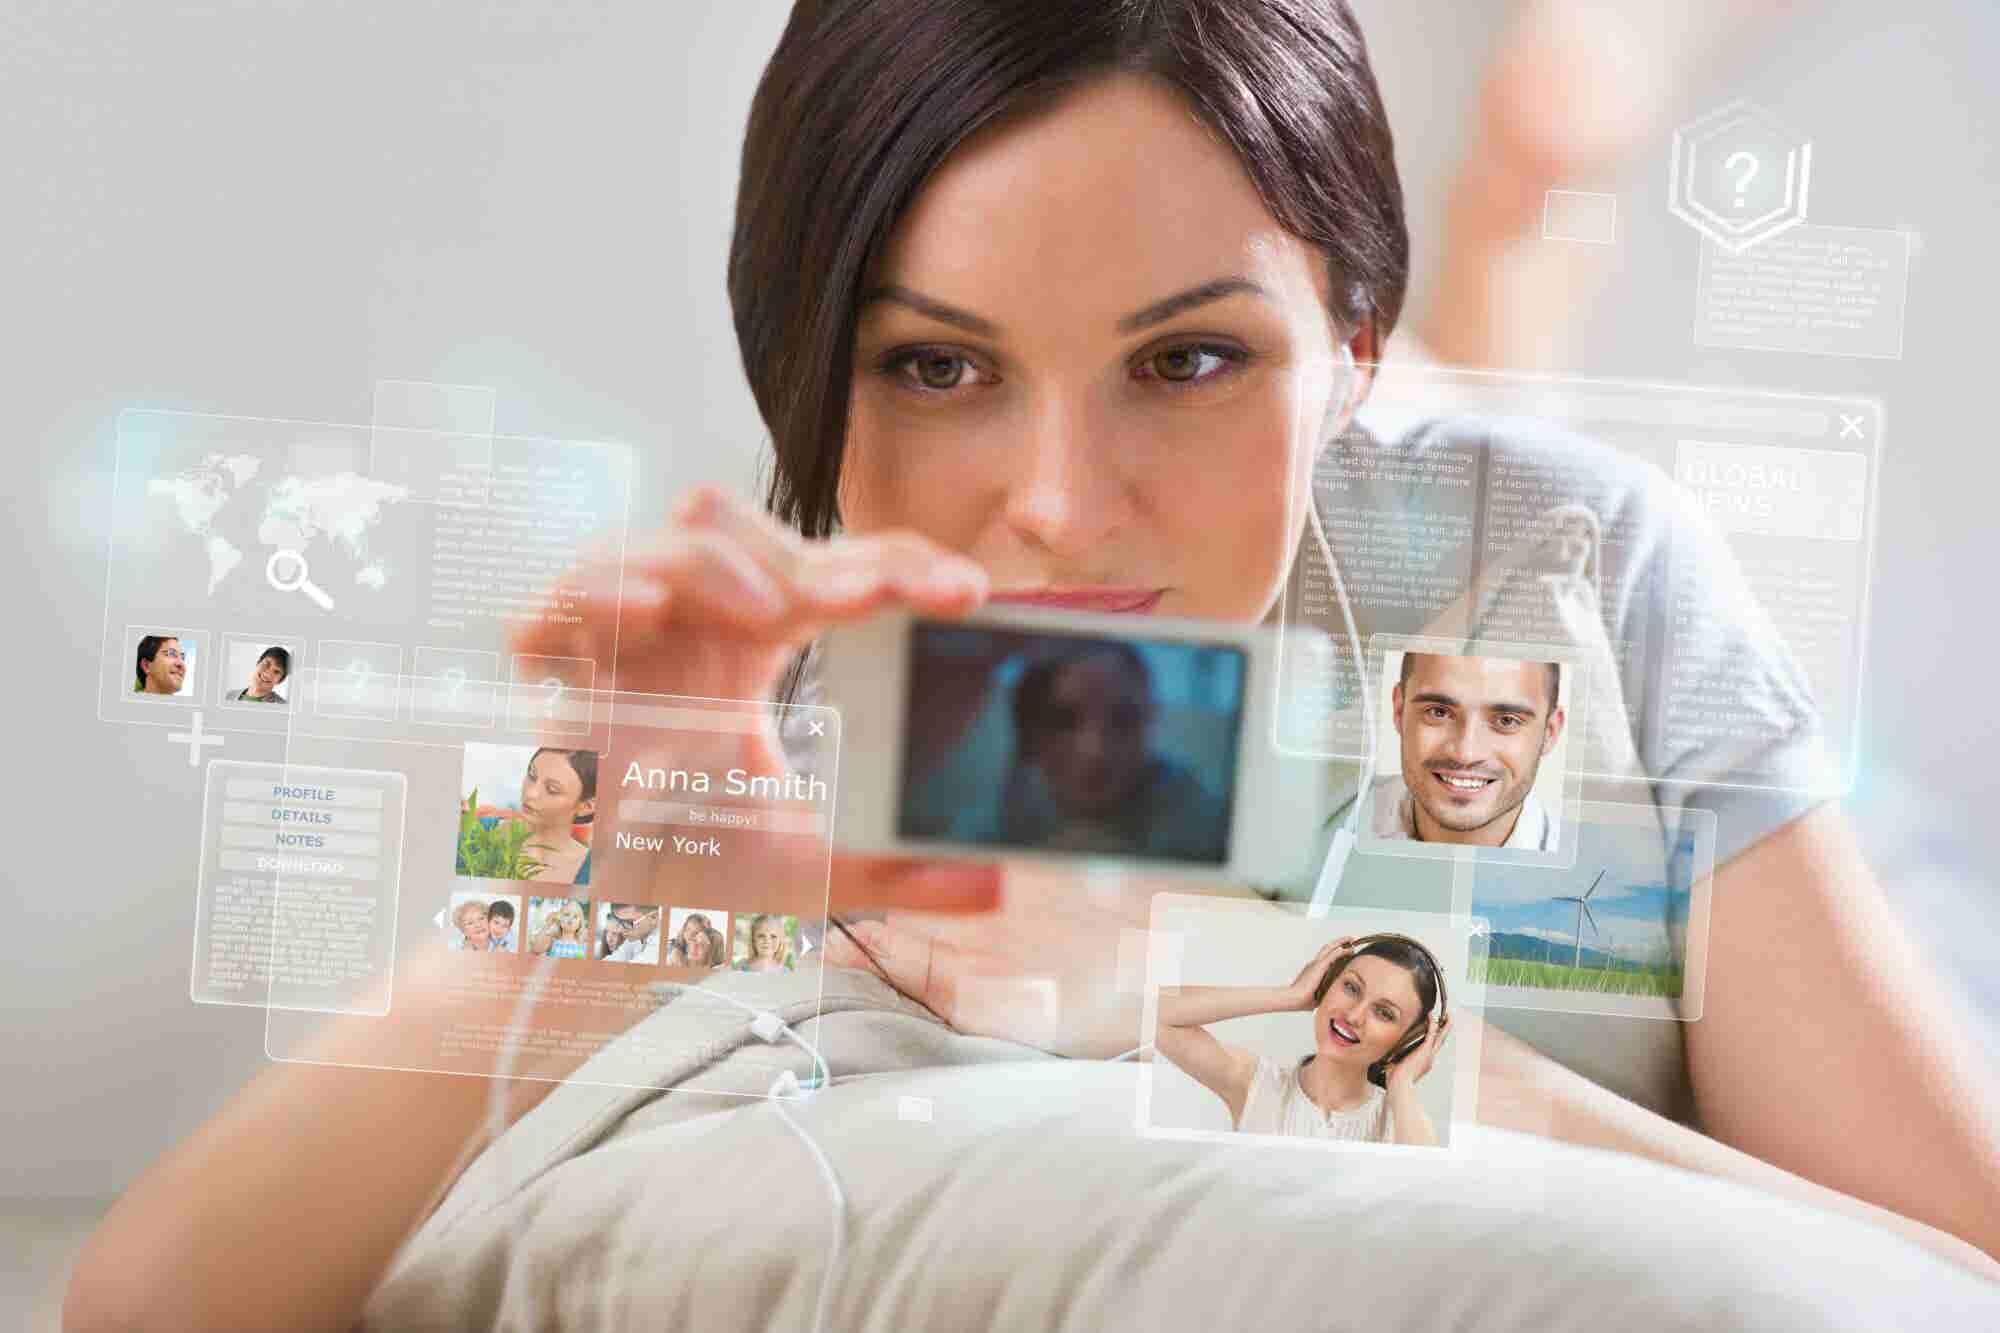 Cómo vender más usando tus redes sociales